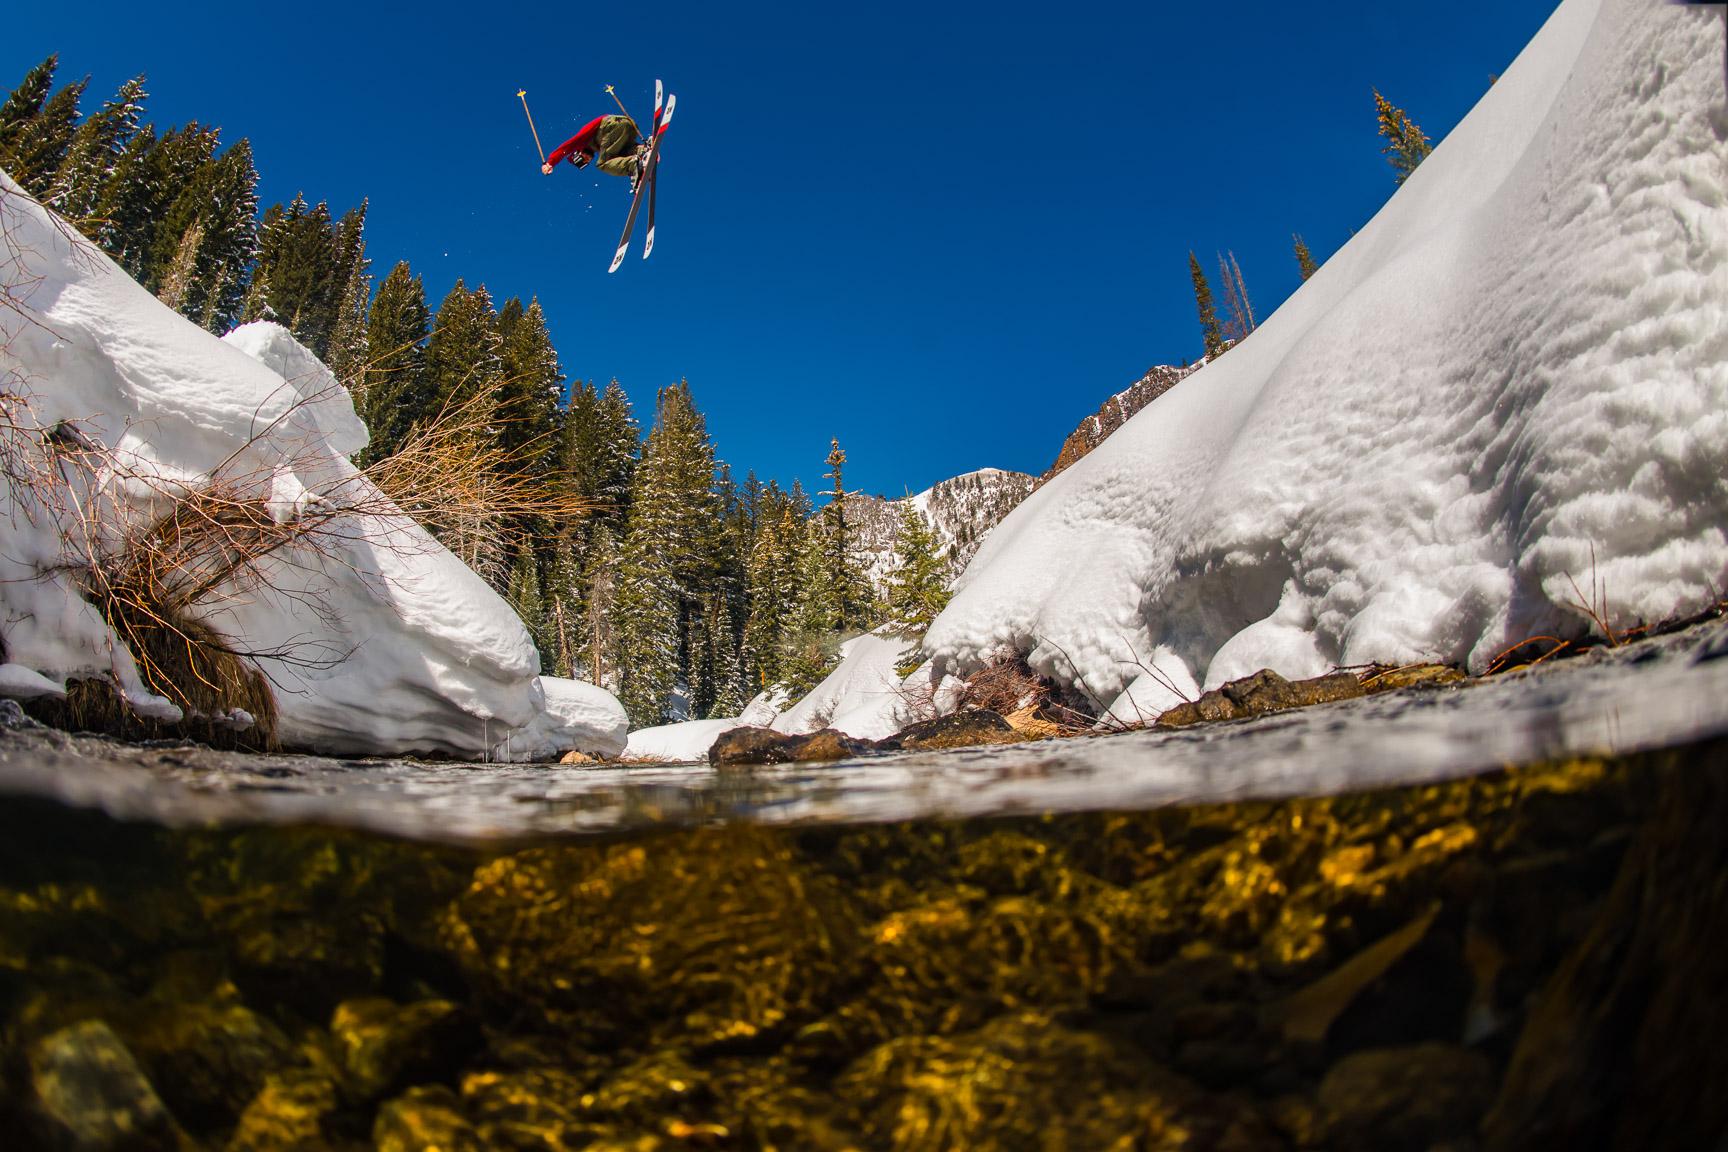 Taylor Pratt, Salt Lake City, Utah